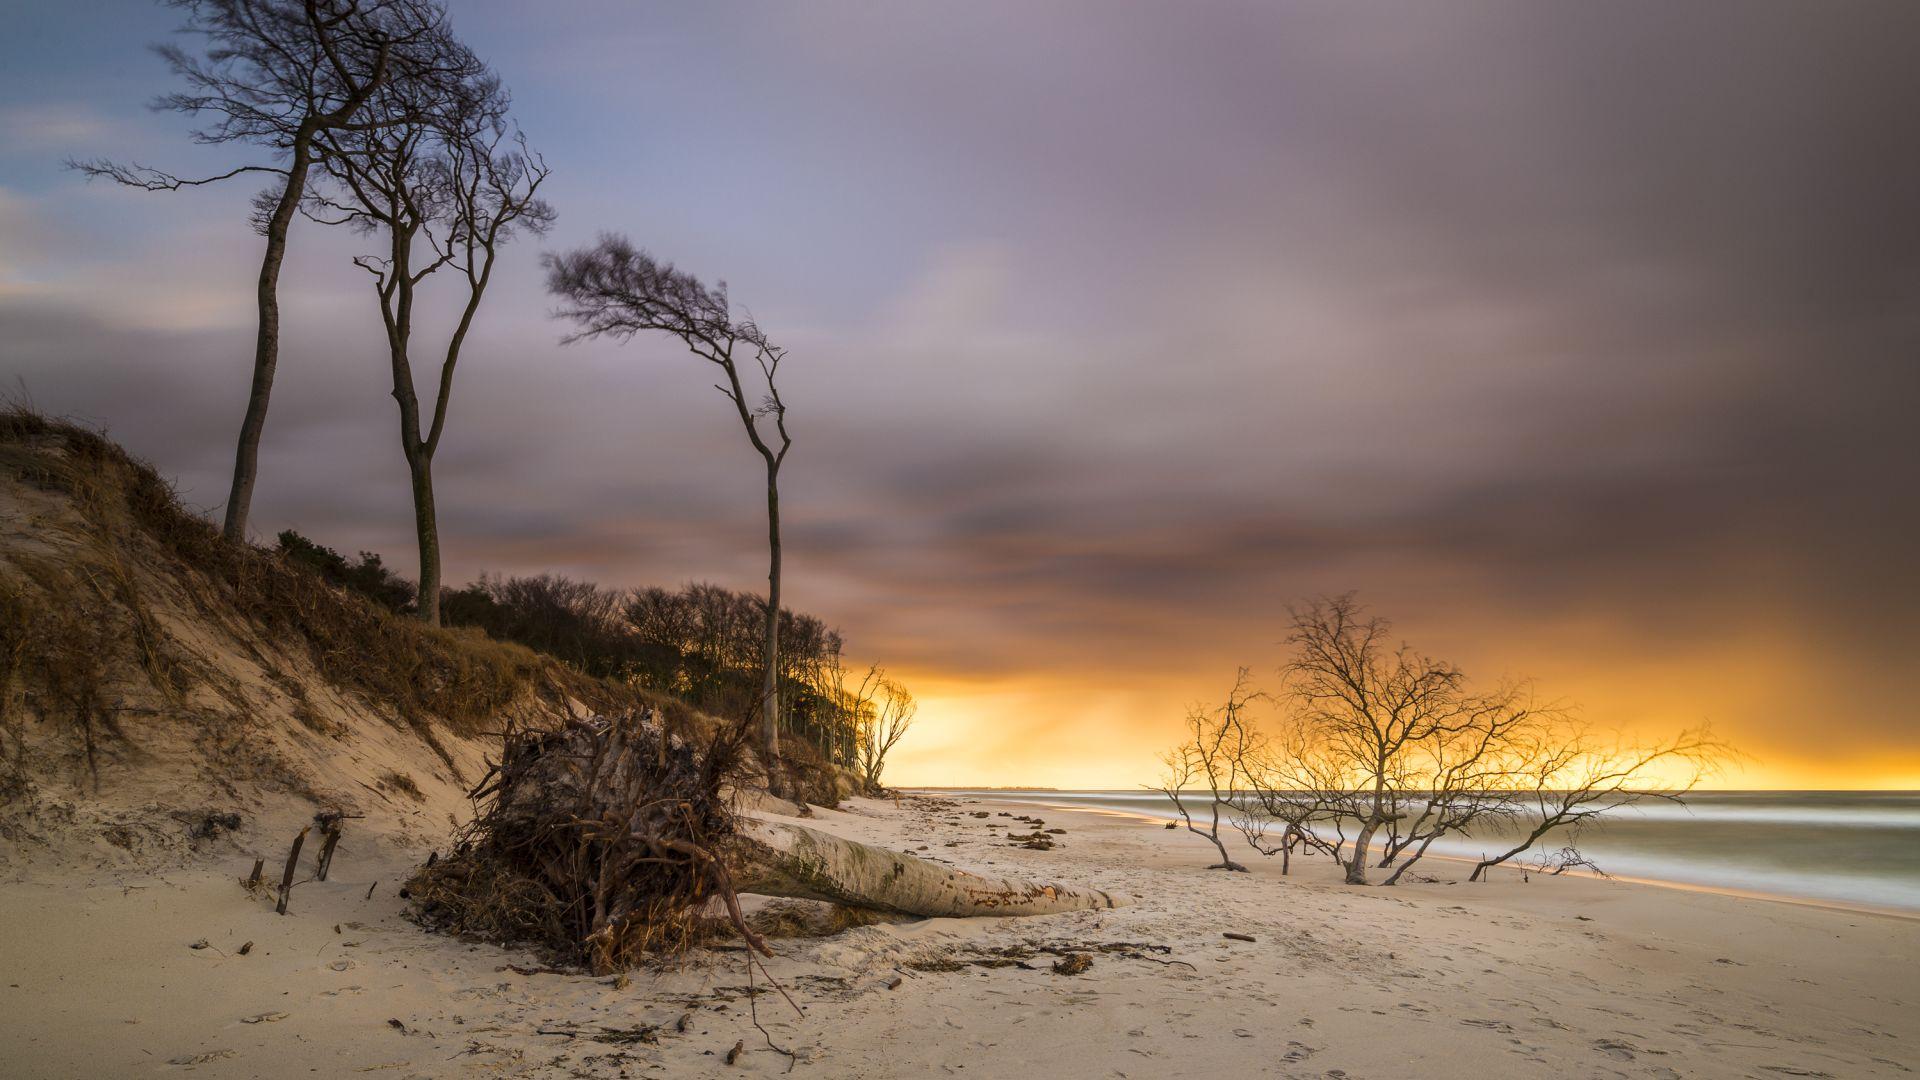 ᐅ Fischland Darß Zingst acht perfekte Foto Spots   Reisemagazin ...